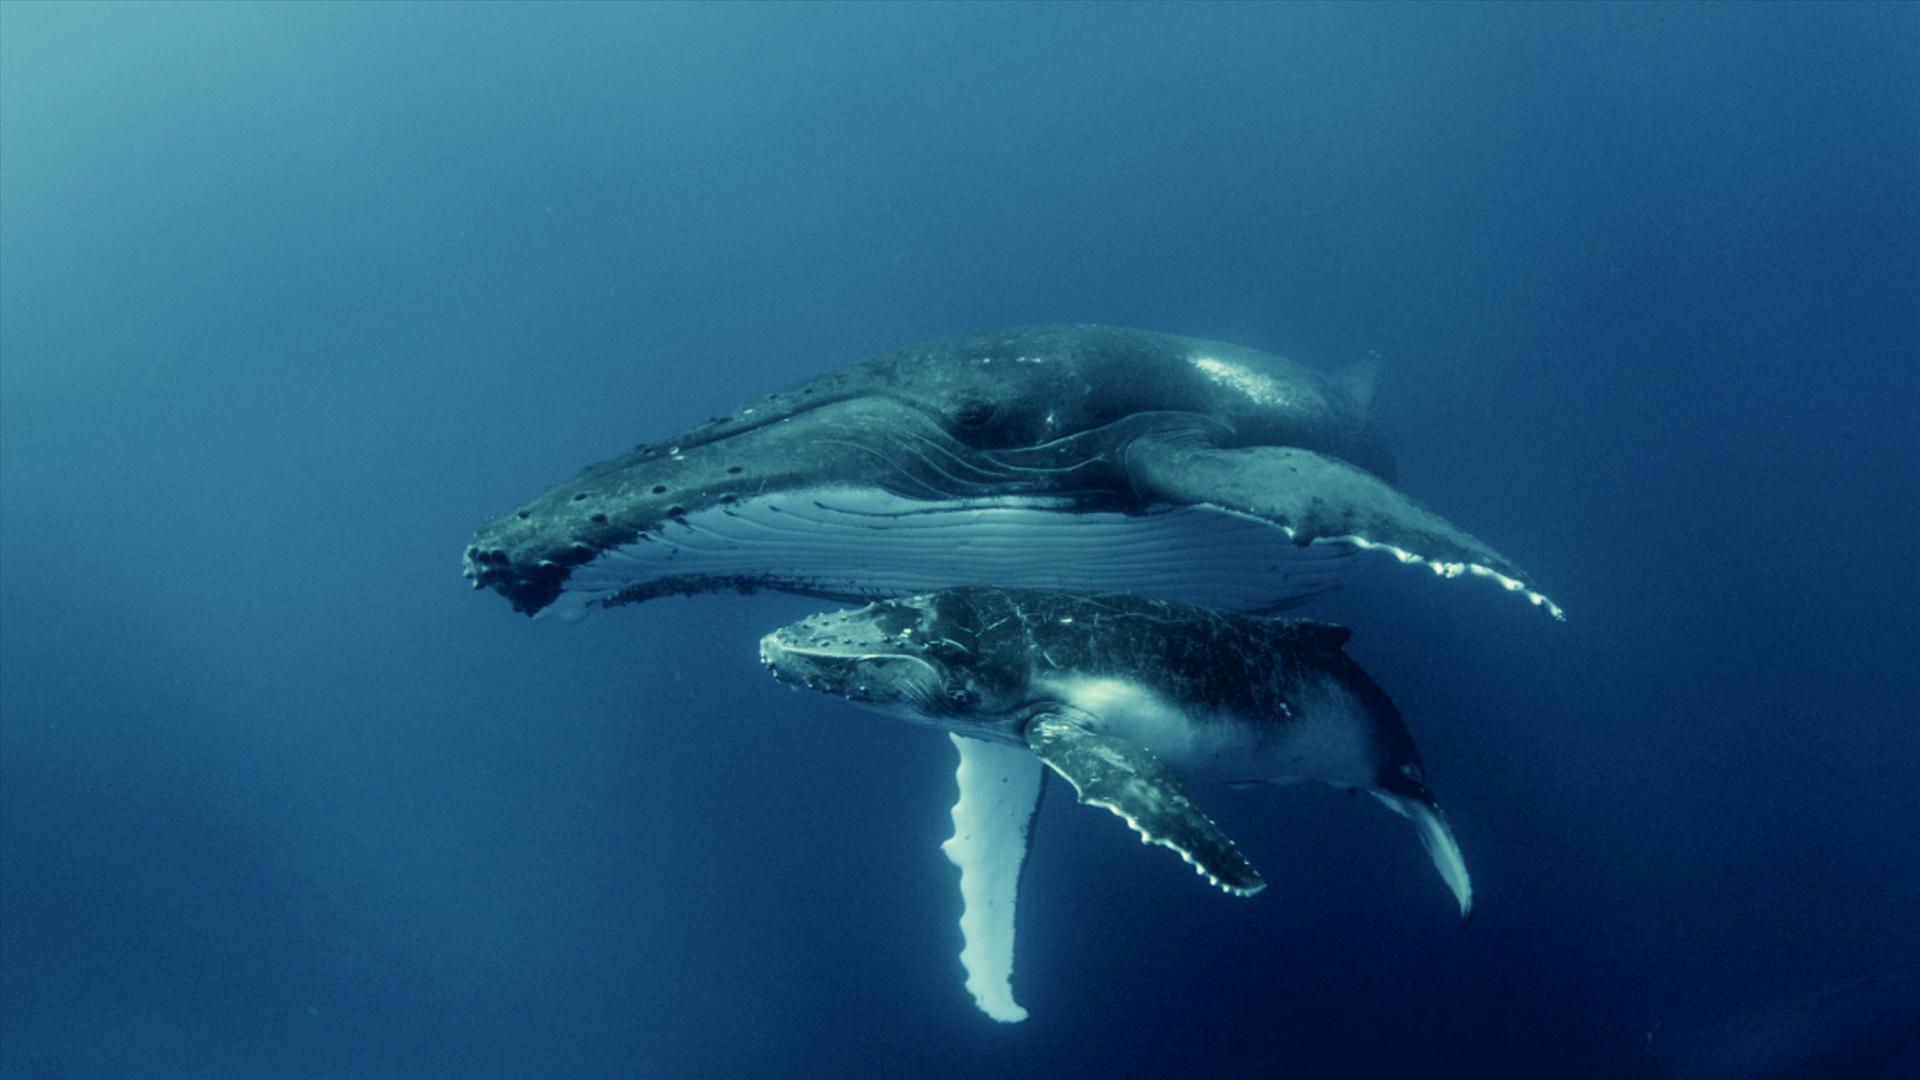 Шумовое загрязнение людьми океана значительно сокращает подводную фауну, – ученые